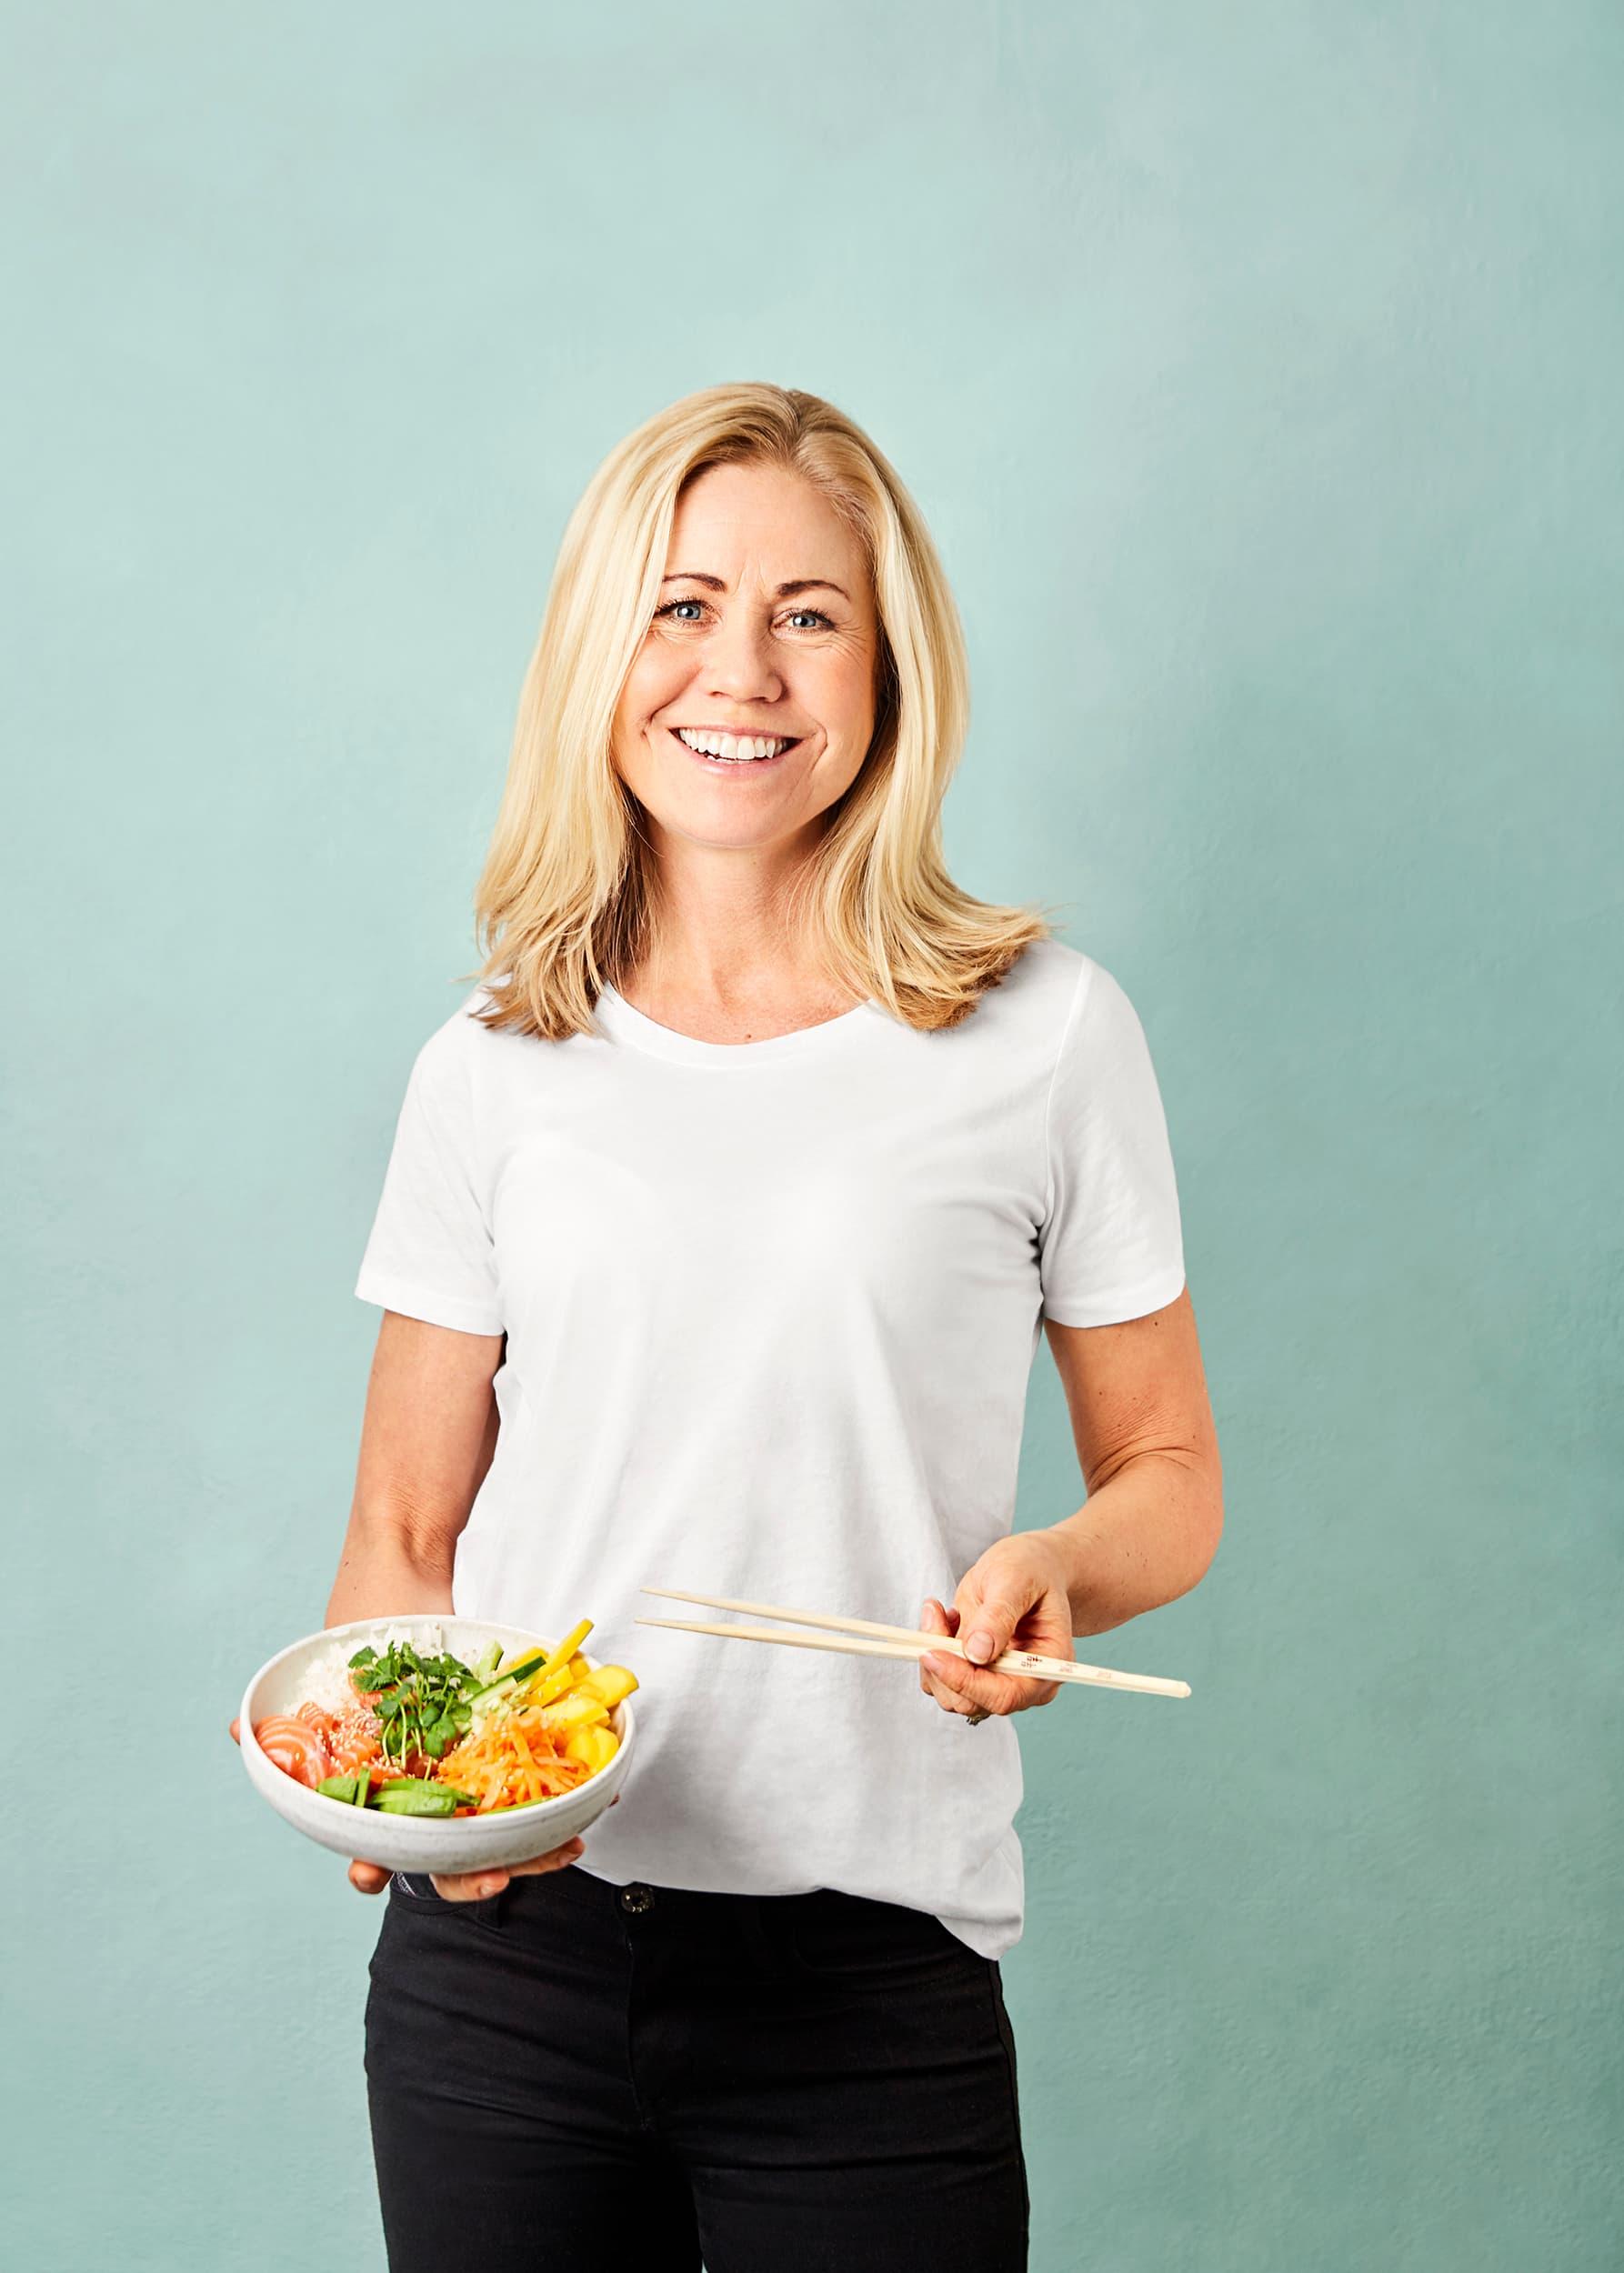 Klinisk ernæringsfysiolog Tine Sundfør mener det er smart å innføre faste fiskedager, slik at kroppen får jevnlig tilgang til fiskens helsegevinster.